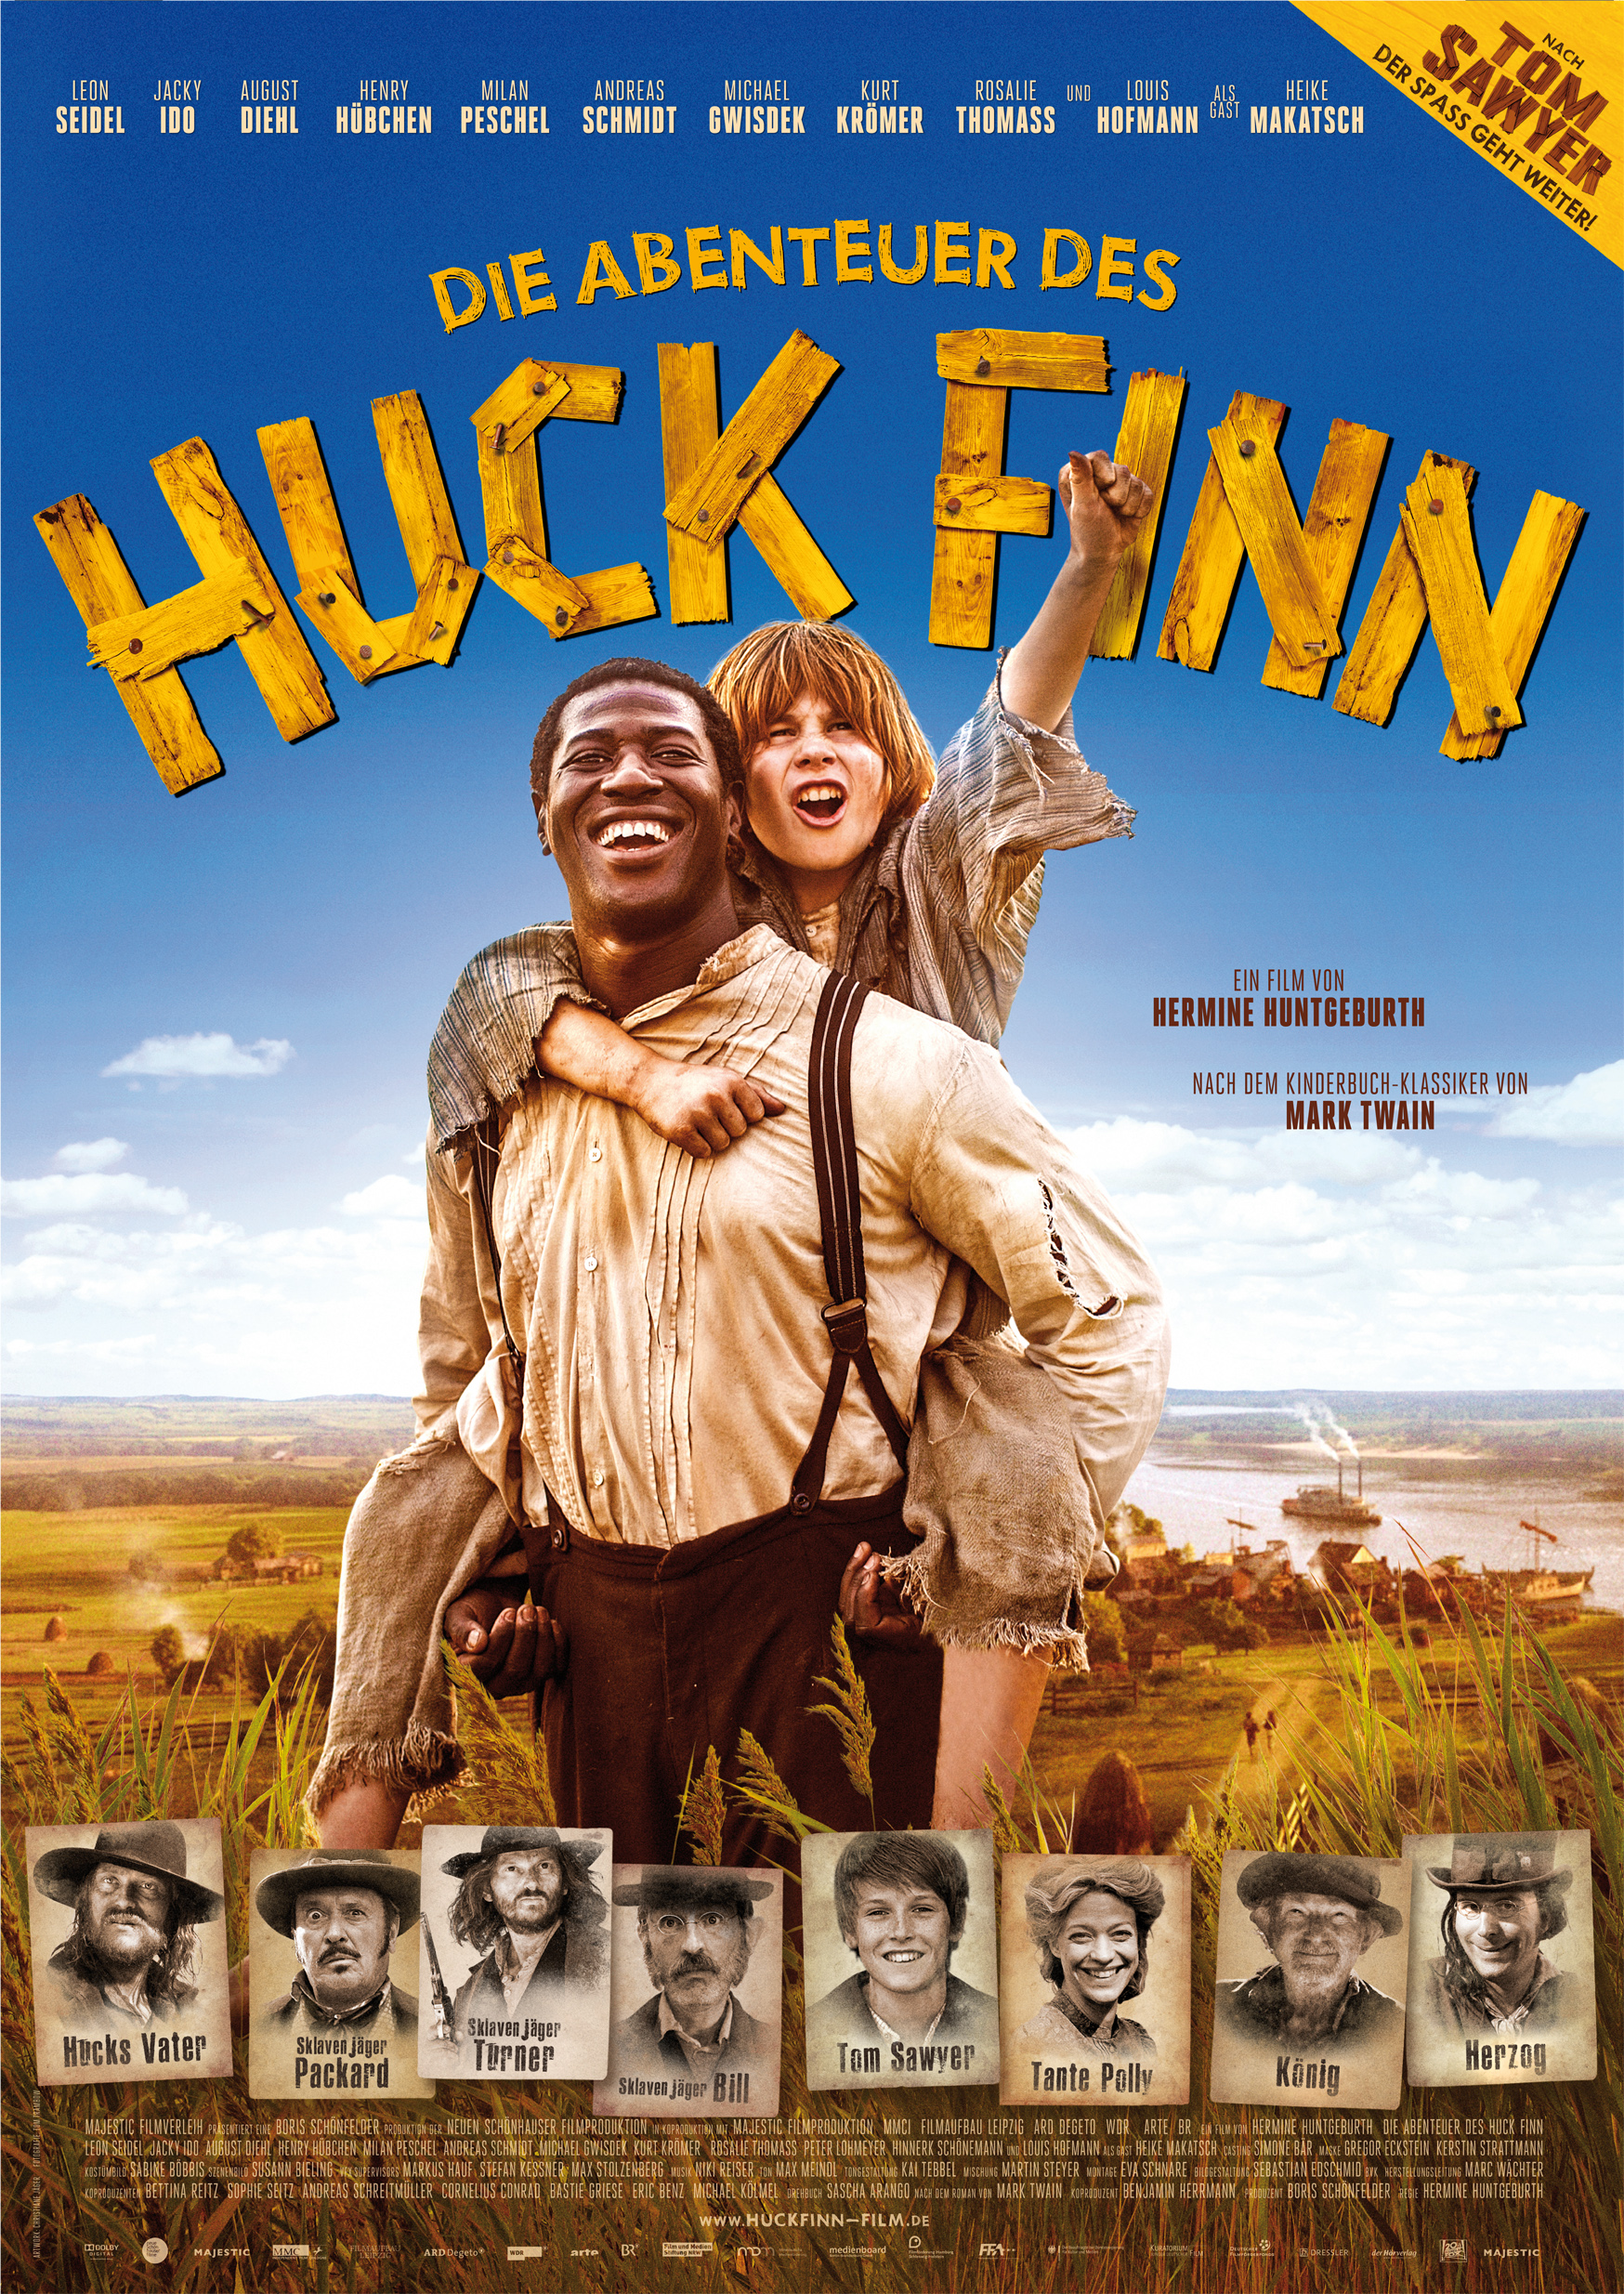 2012_Die_Abenteuer_des_Huck_Finn_Neue_Schoenhauser_Filmproduktion.jpg